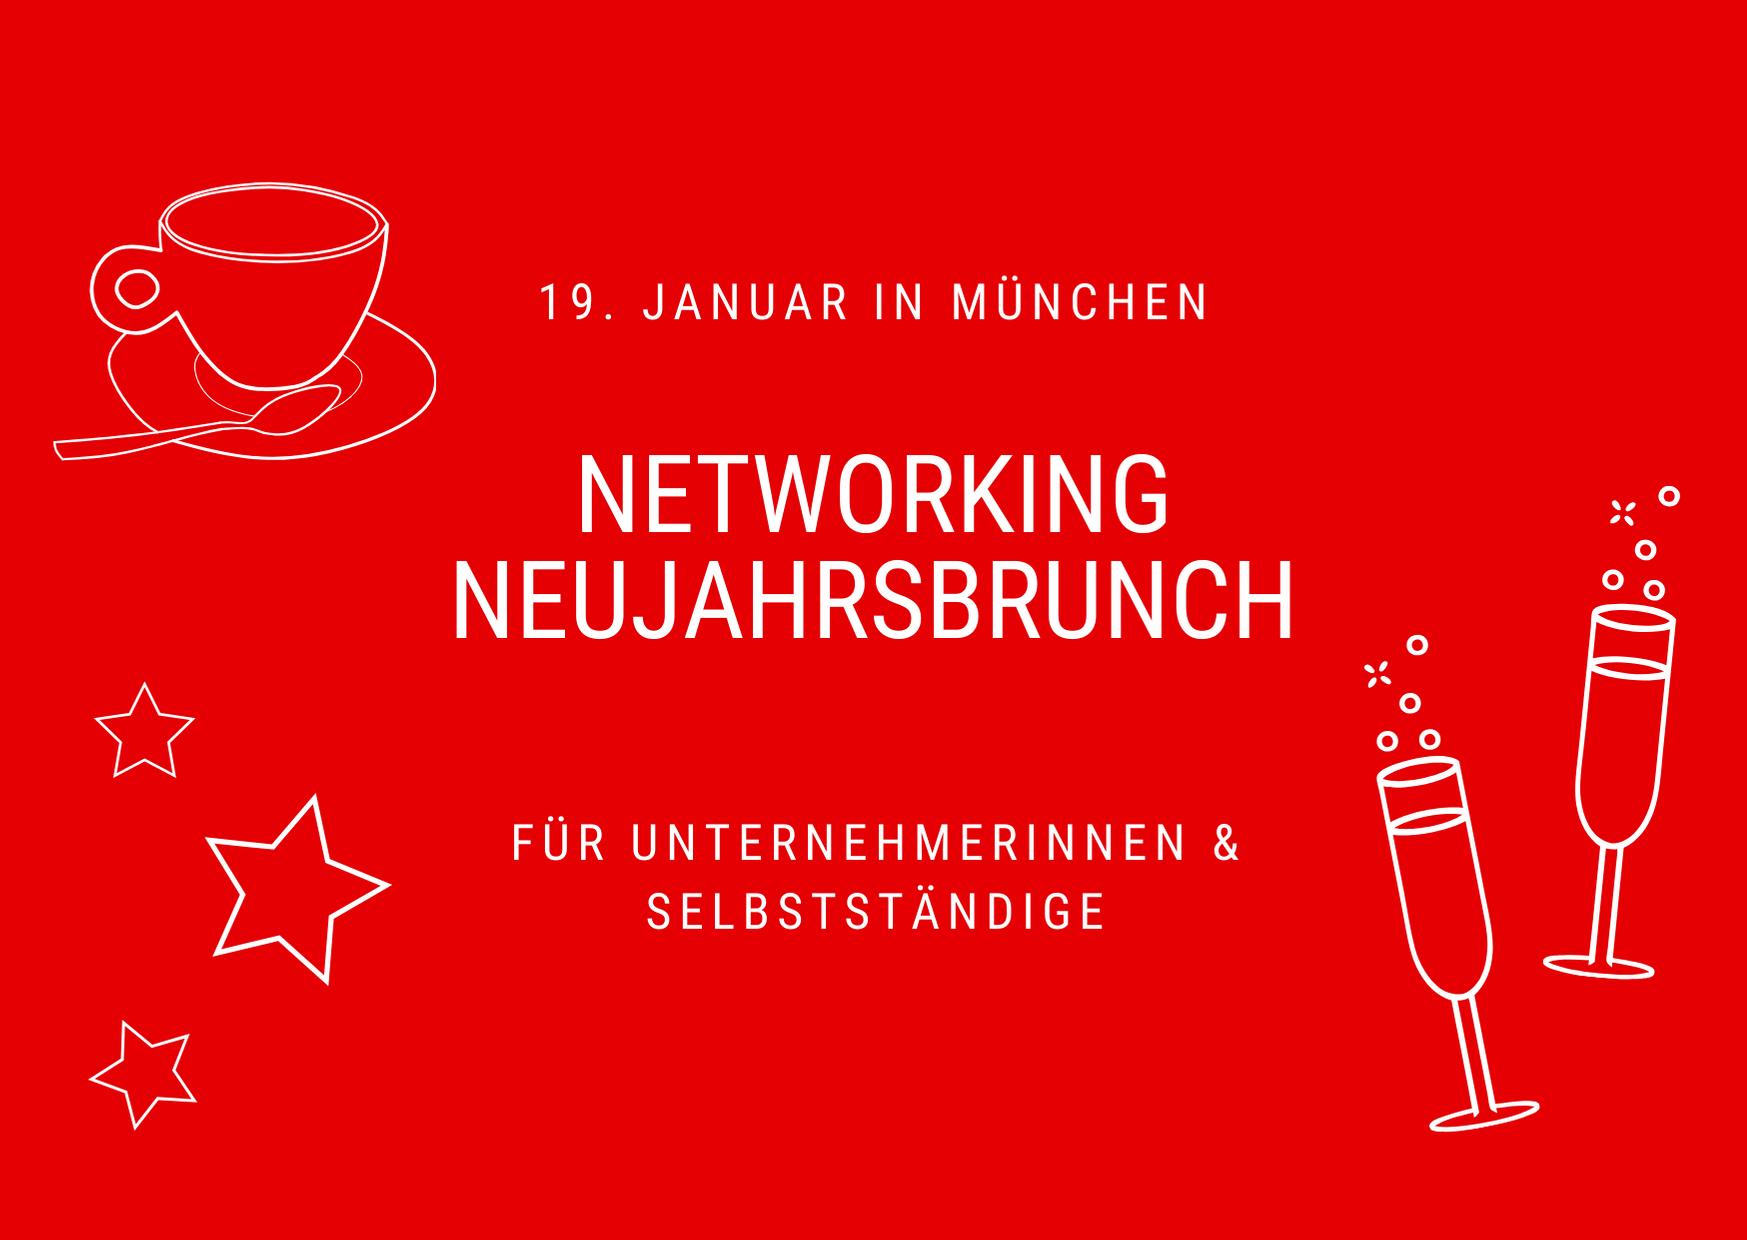 Münchner Neujahrsbrunch für Unternehmerinnen